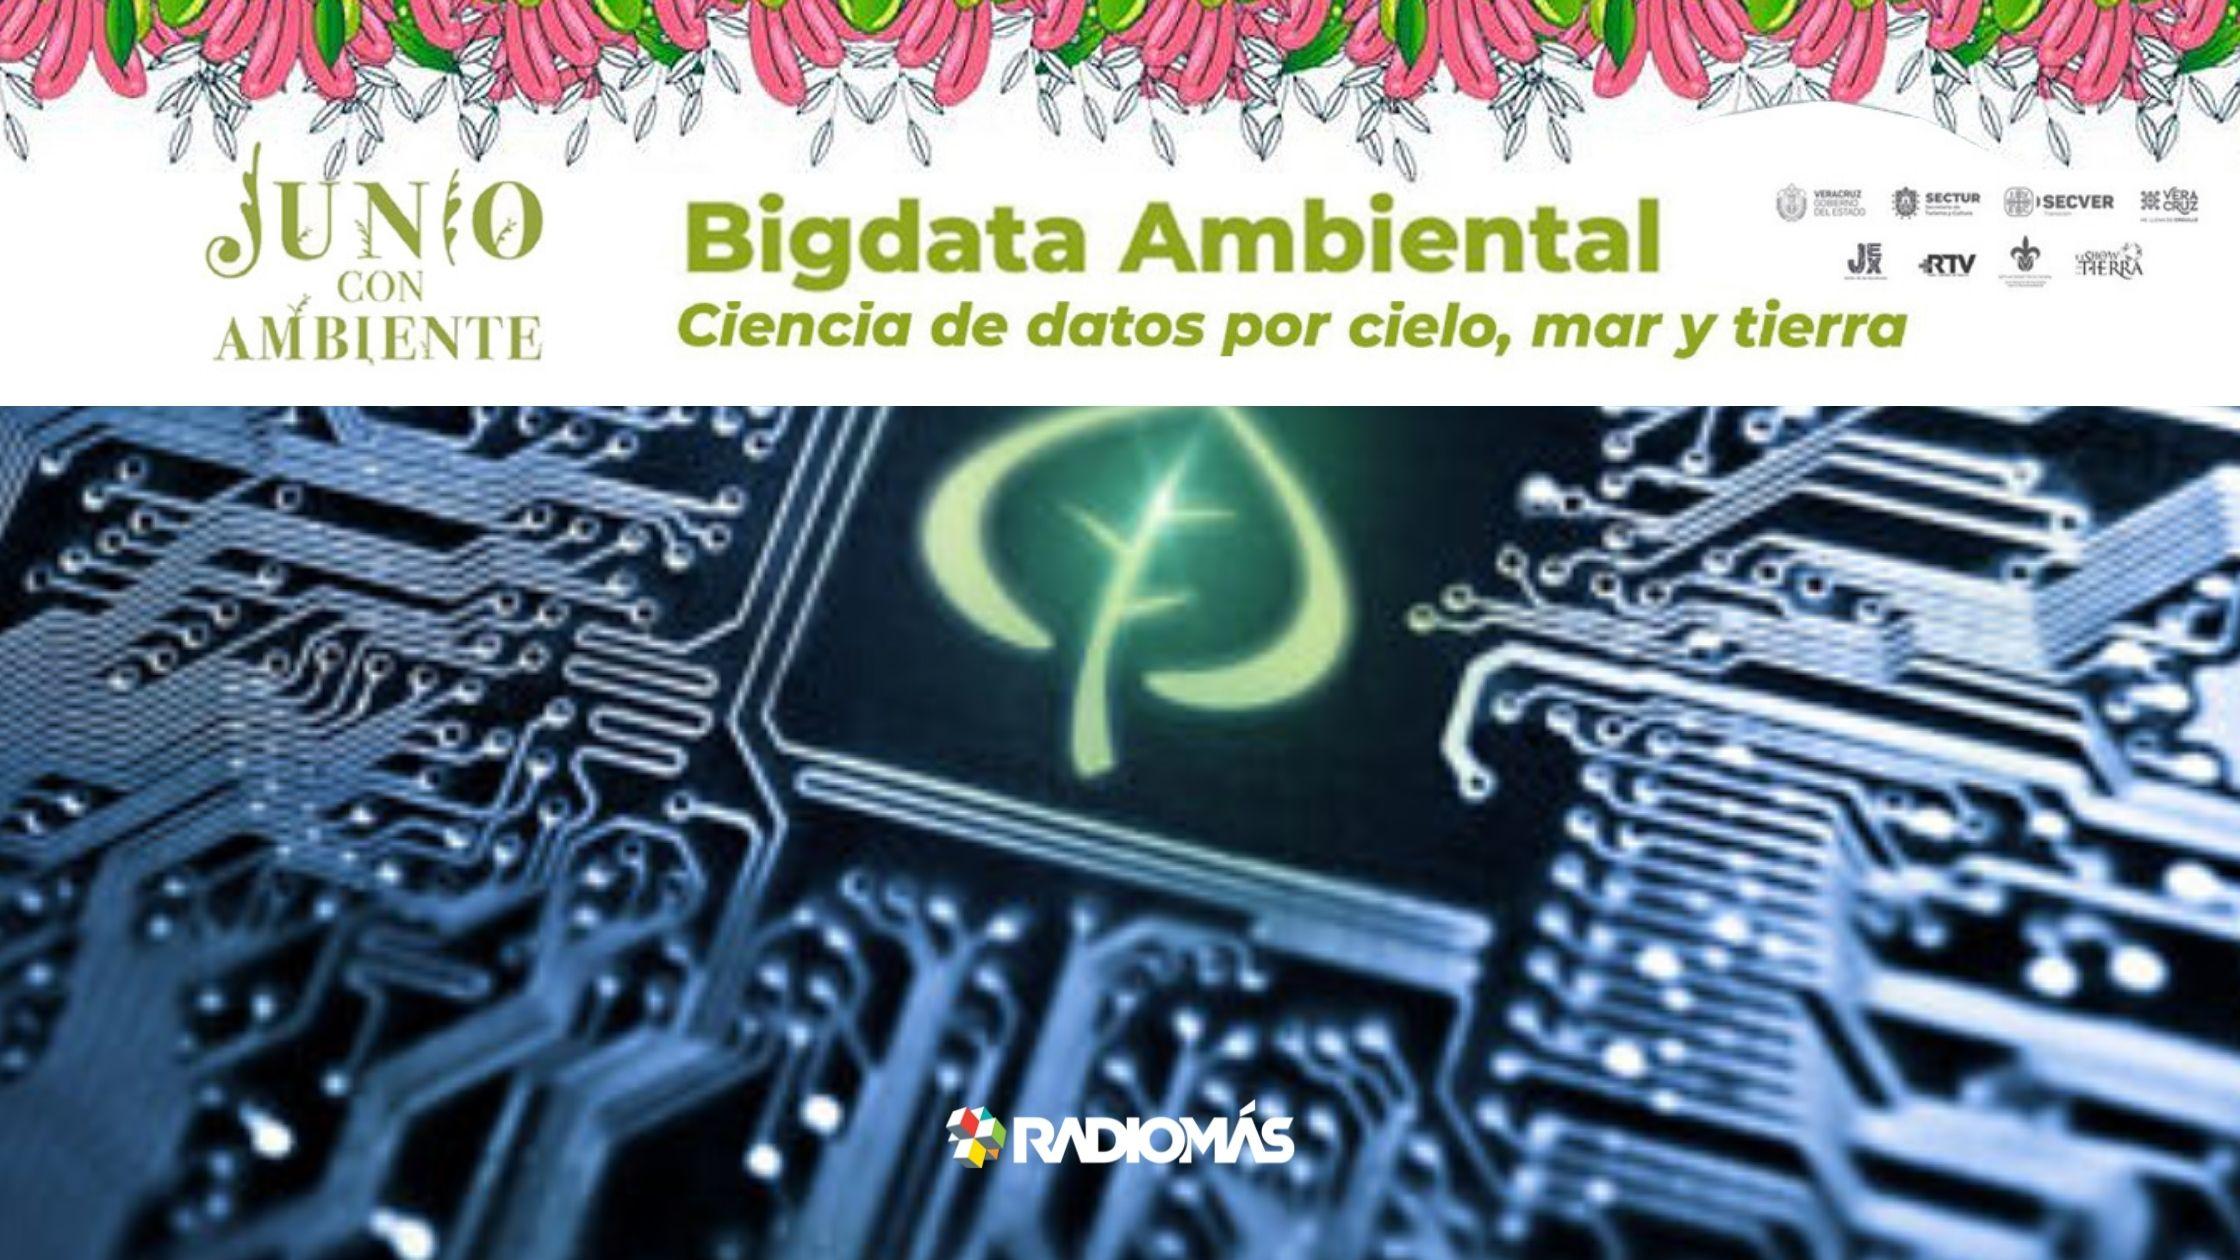 Bigdata ambiental: ciencia de datos por cielo, mar y tierra